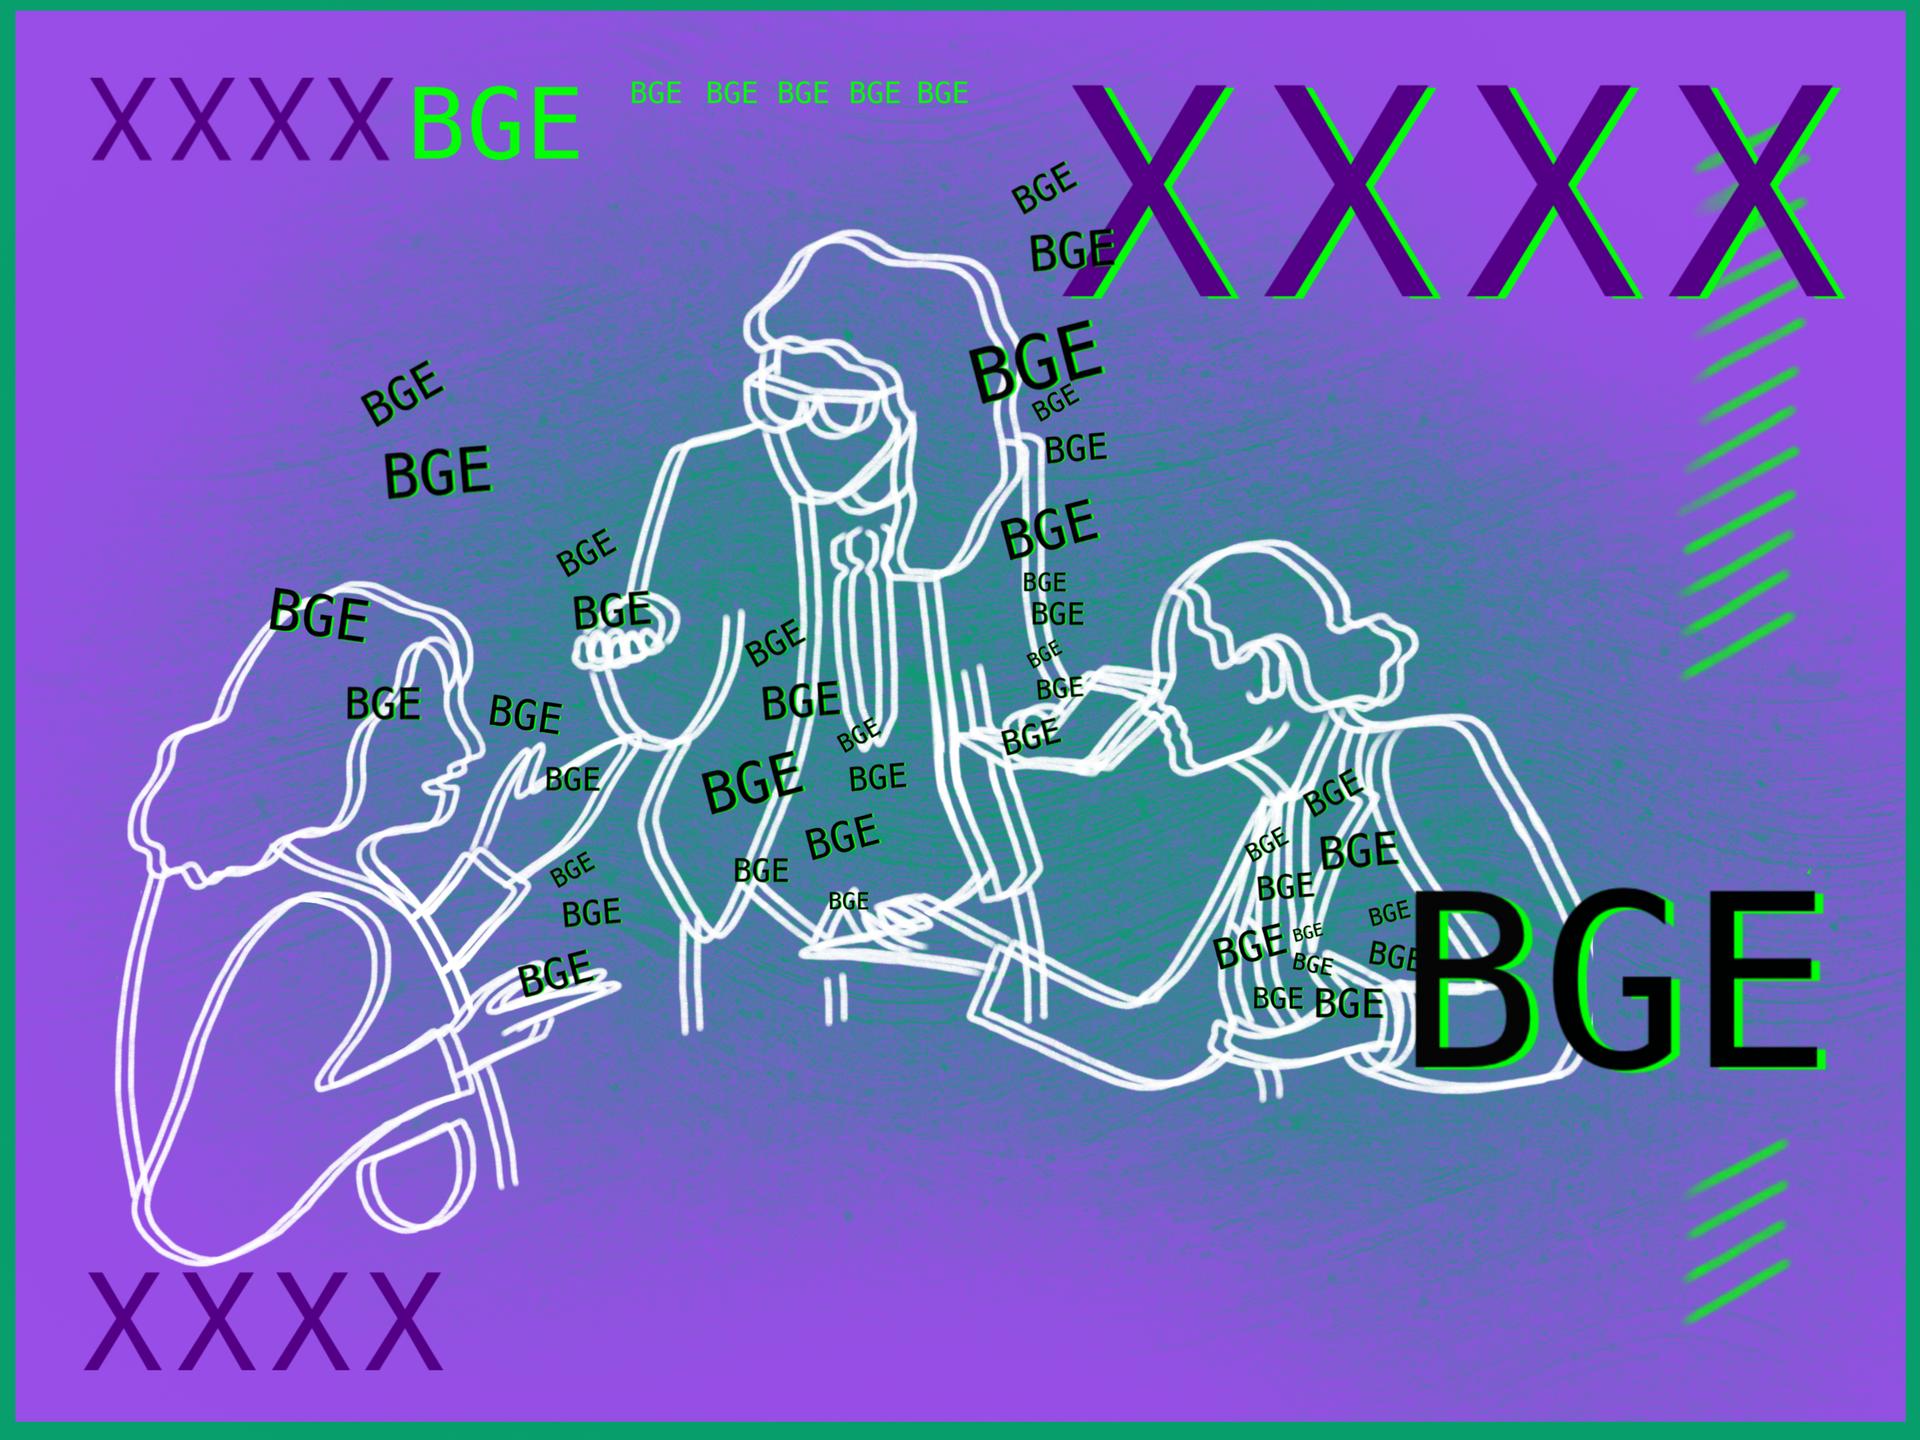 BGE_III_monilangart